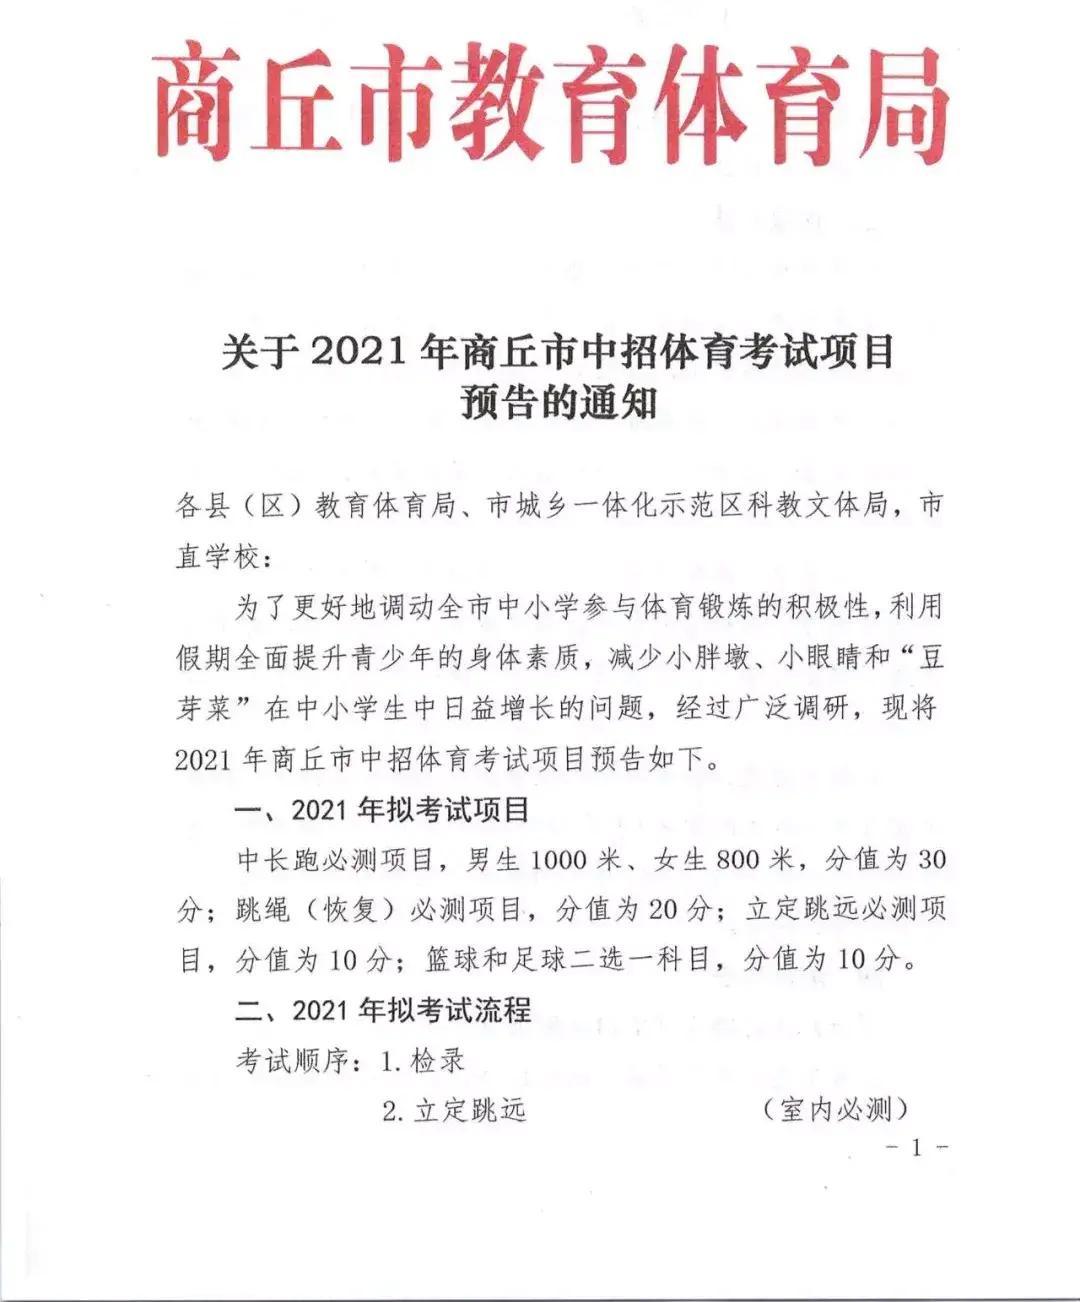 河南省商丘市教育体育局公布2021年中考体育项目